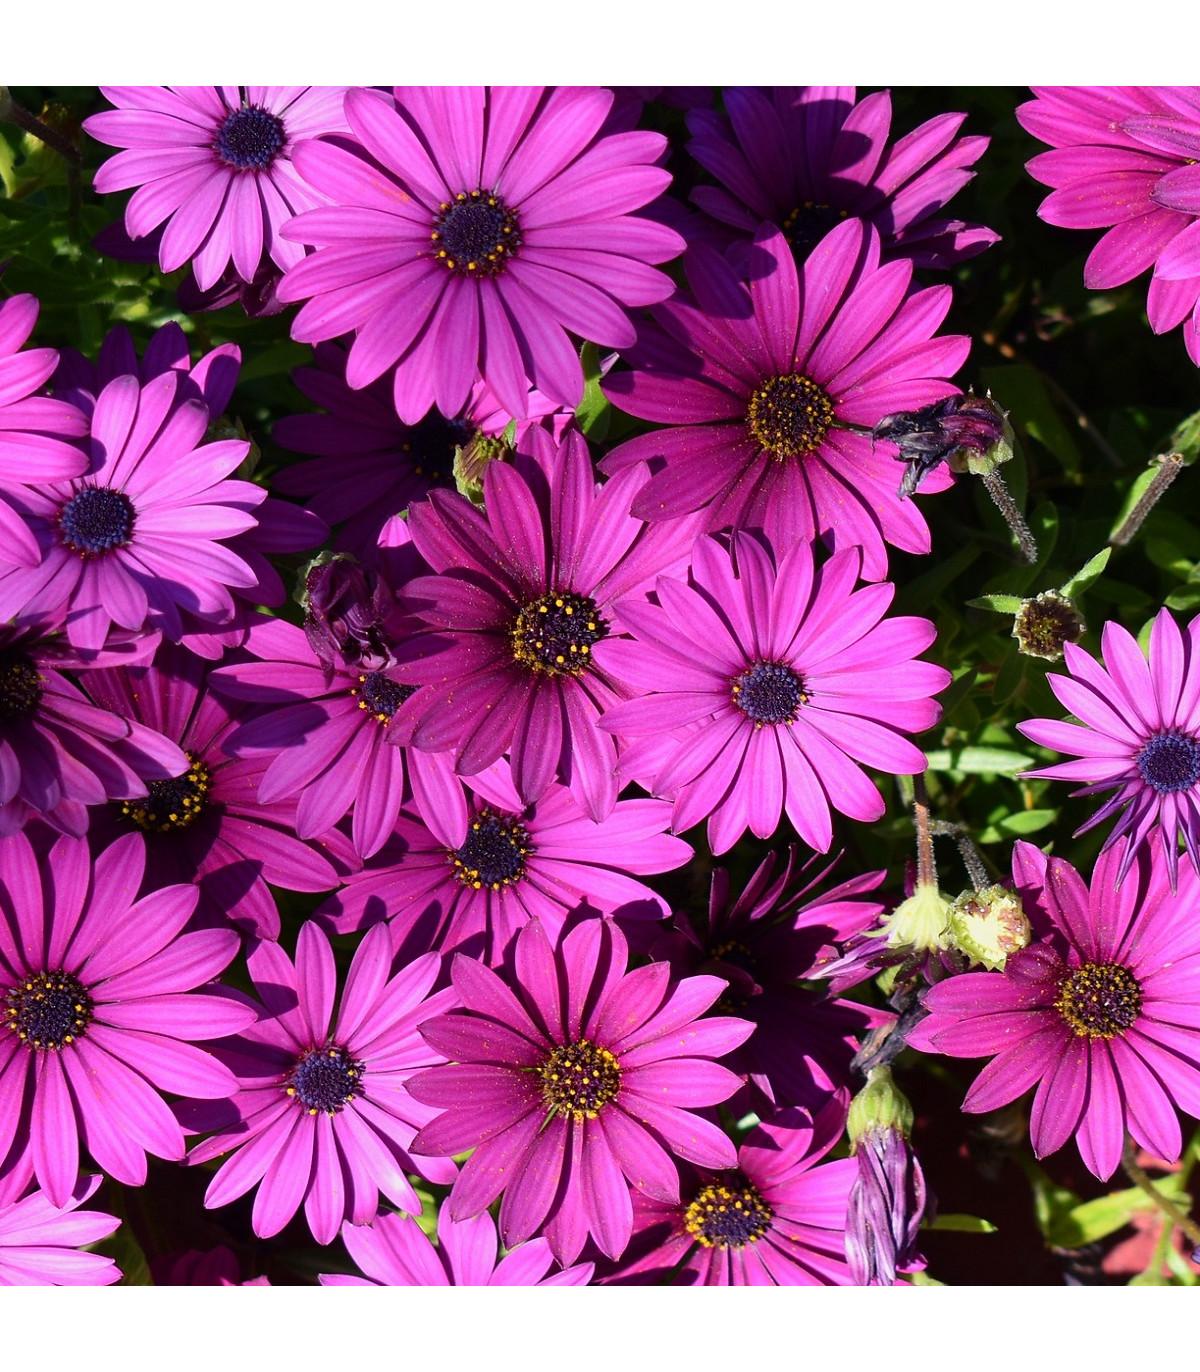 Paprskovka - kapská kopretina - Osteospermum eclonis asti mix - semena - 6 ks